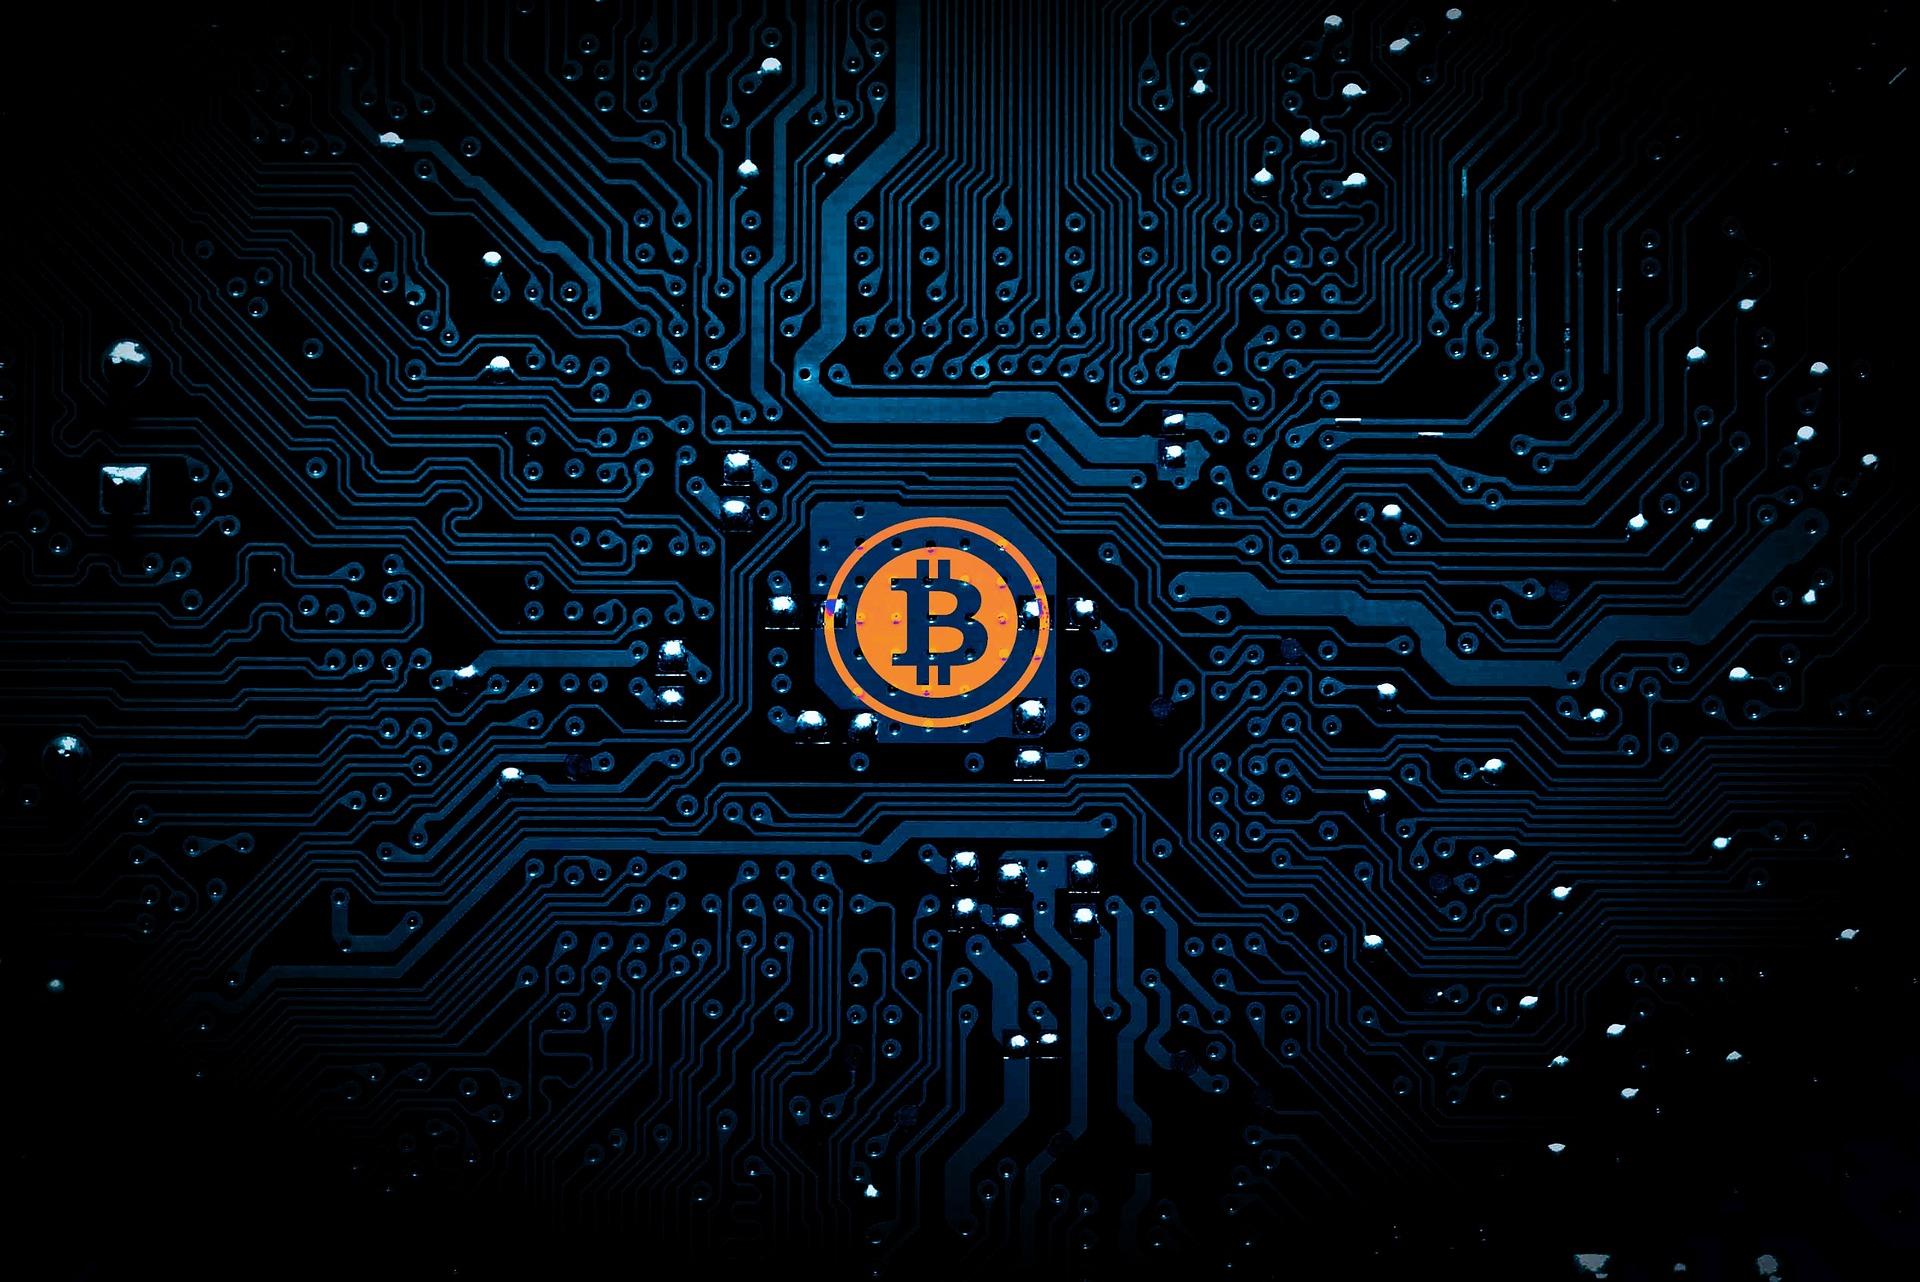 Kopanie Bitcoin - O co chodzi